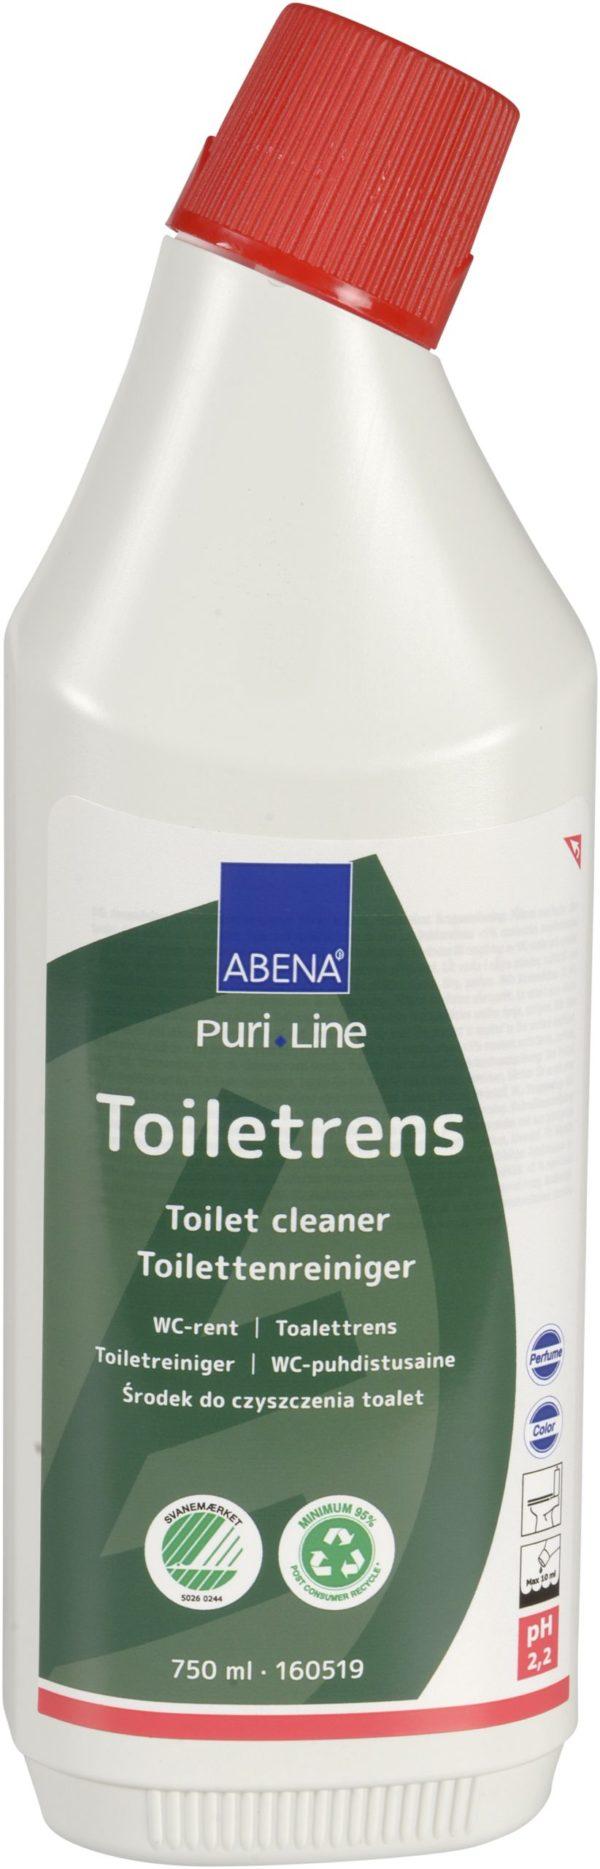 Toiletrens 750 ml